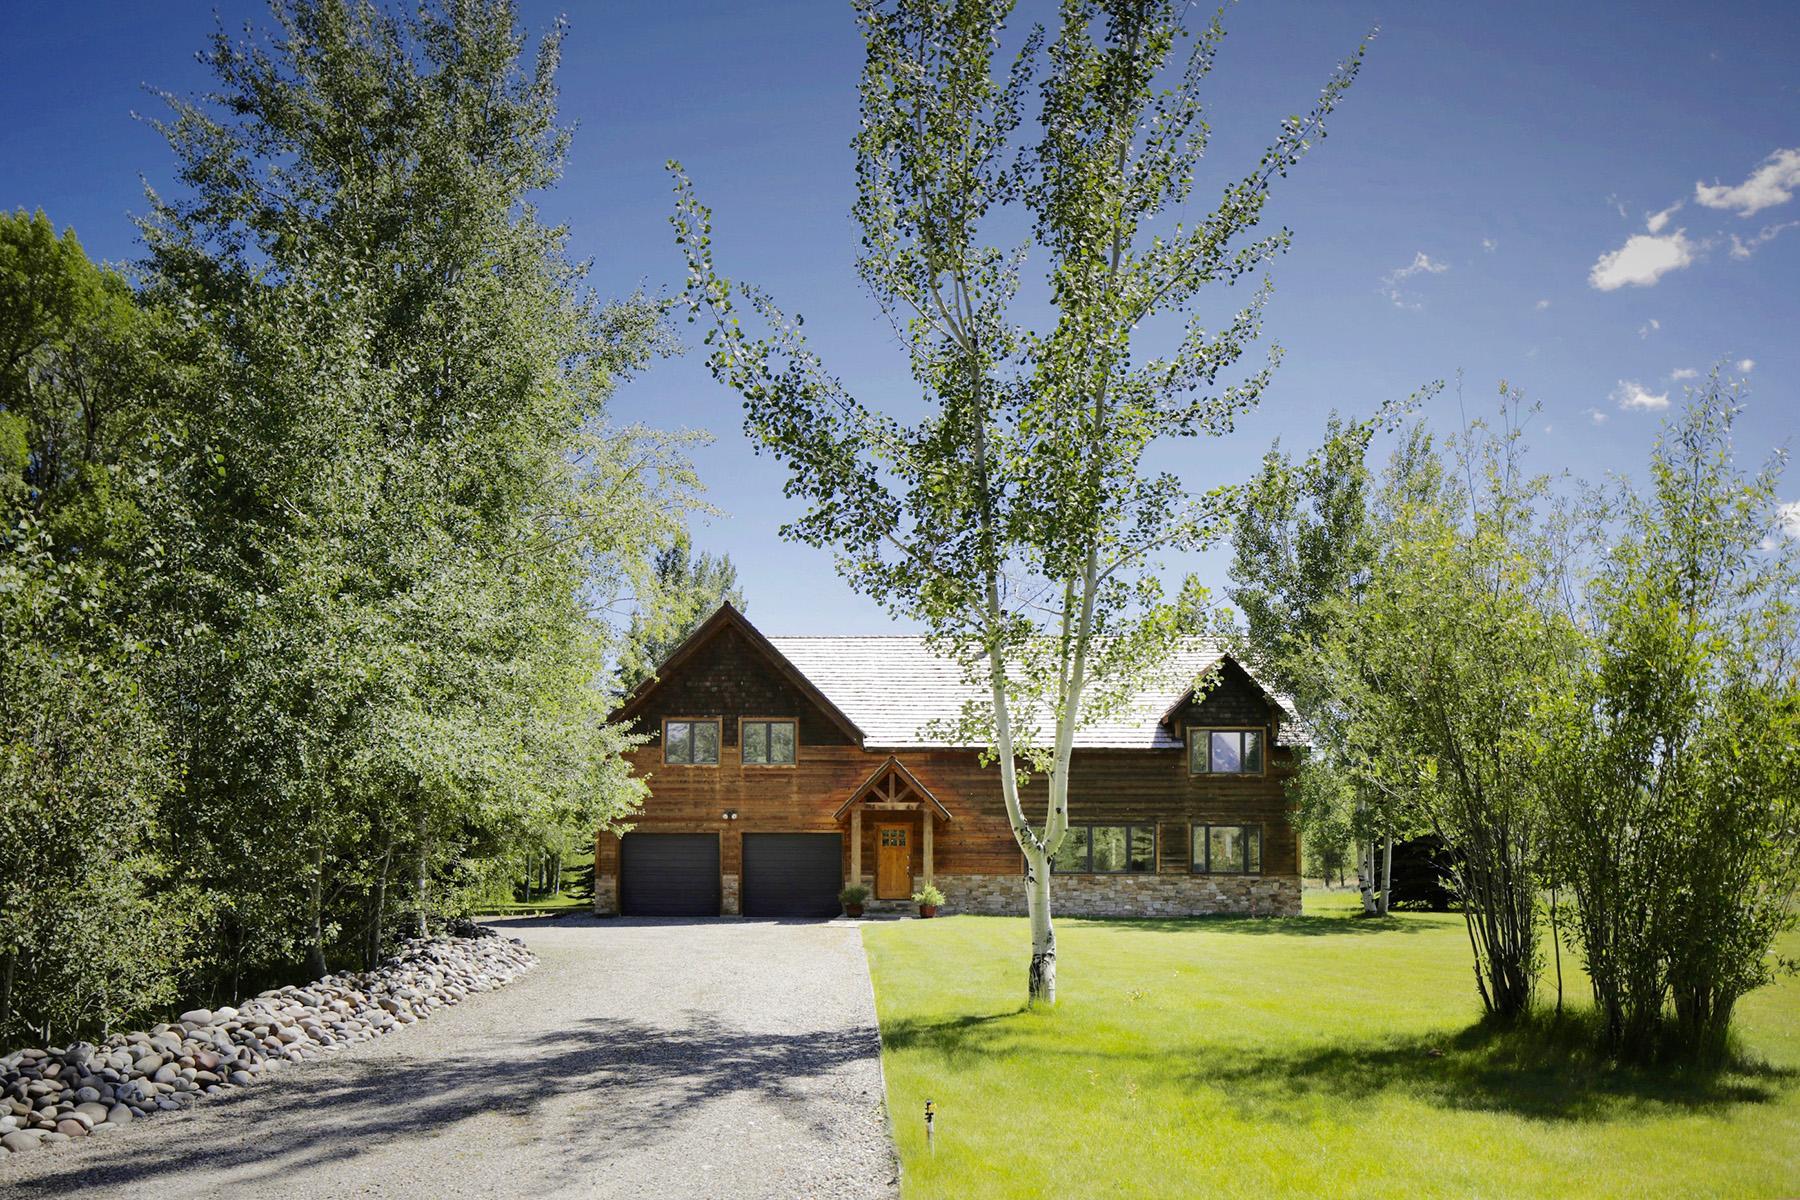 Maison unifamiliale pour l Vente à Timber frame home on 4 Acres 3050 W. Bridger Road Wilson, Wyoming, 83014 Jackson Hole, États-Unis